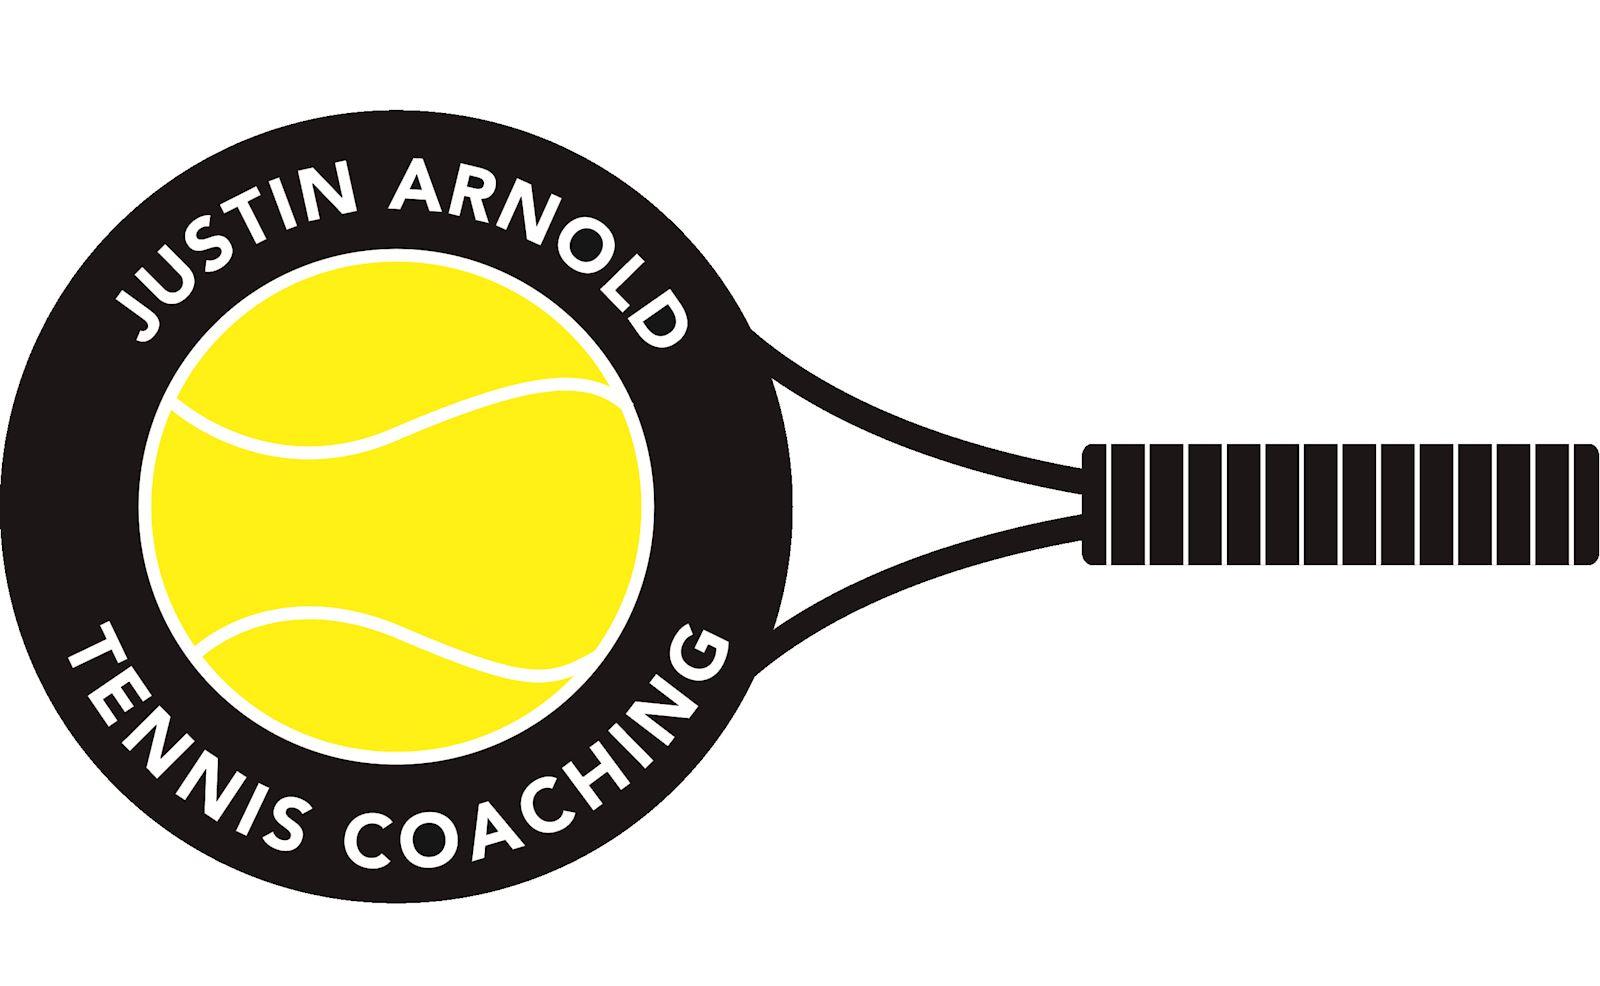 Justin Arnold Tennis Coaching